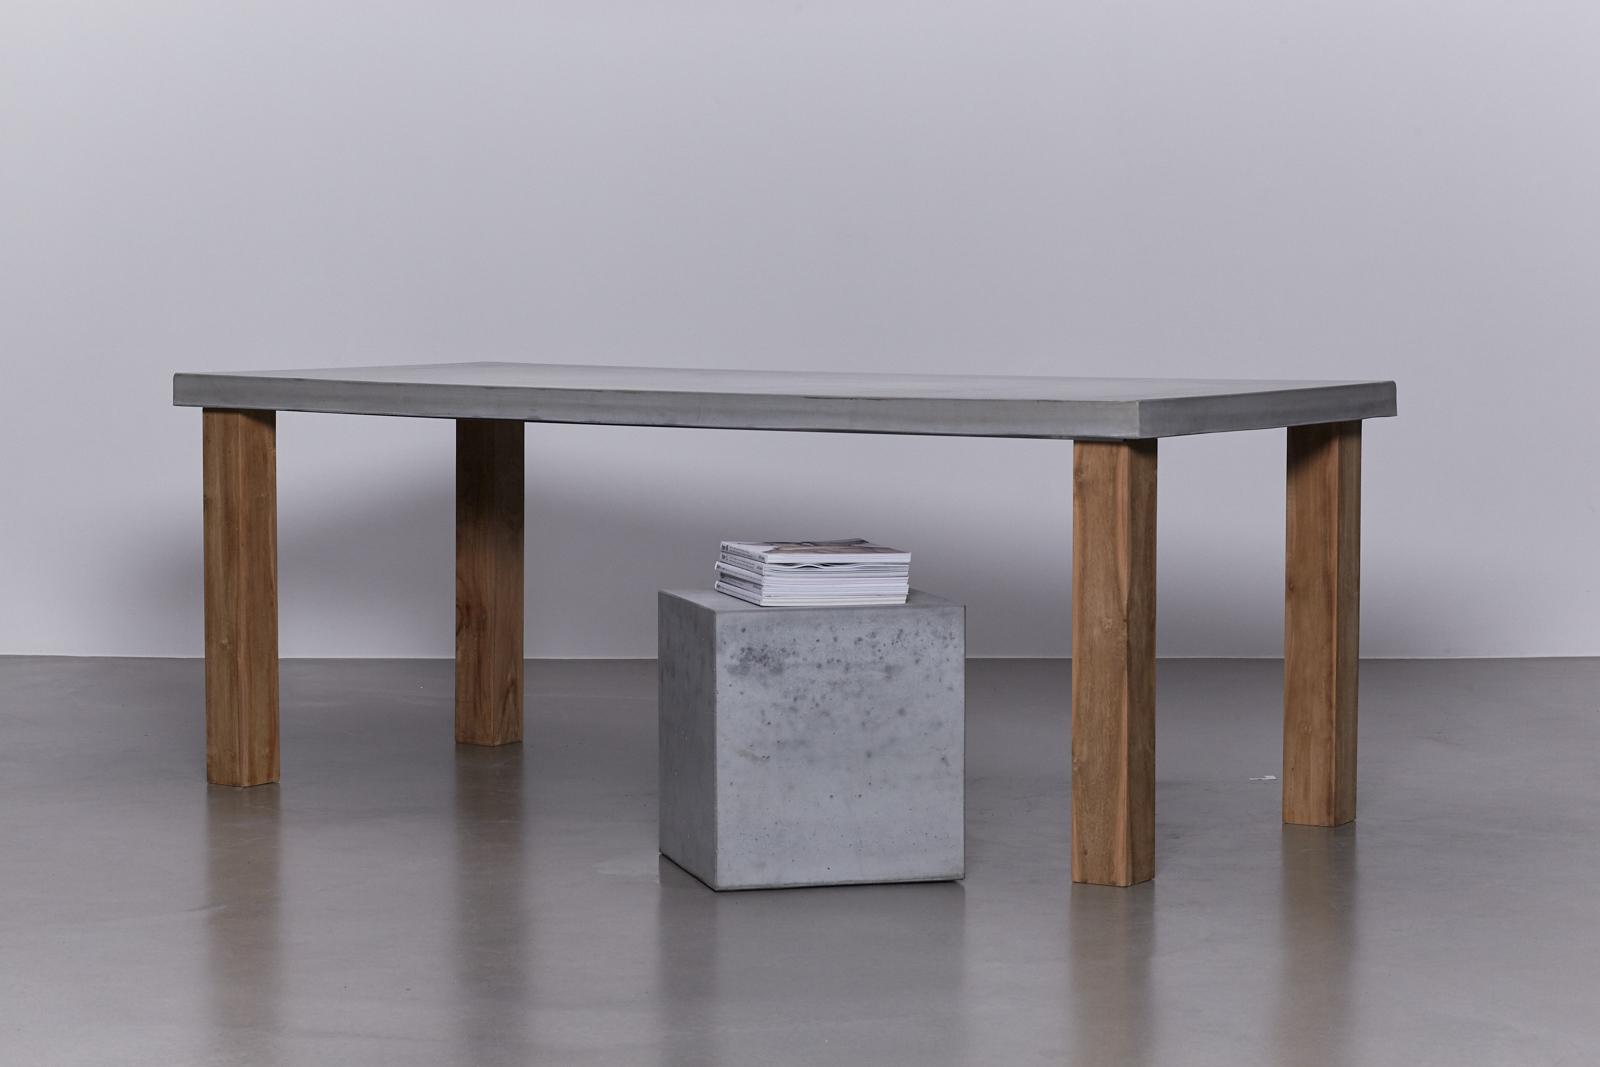 Beton Tafel Buiten : Betonnen tafel buiten: beton cire tafels laren dodo stukadoors.